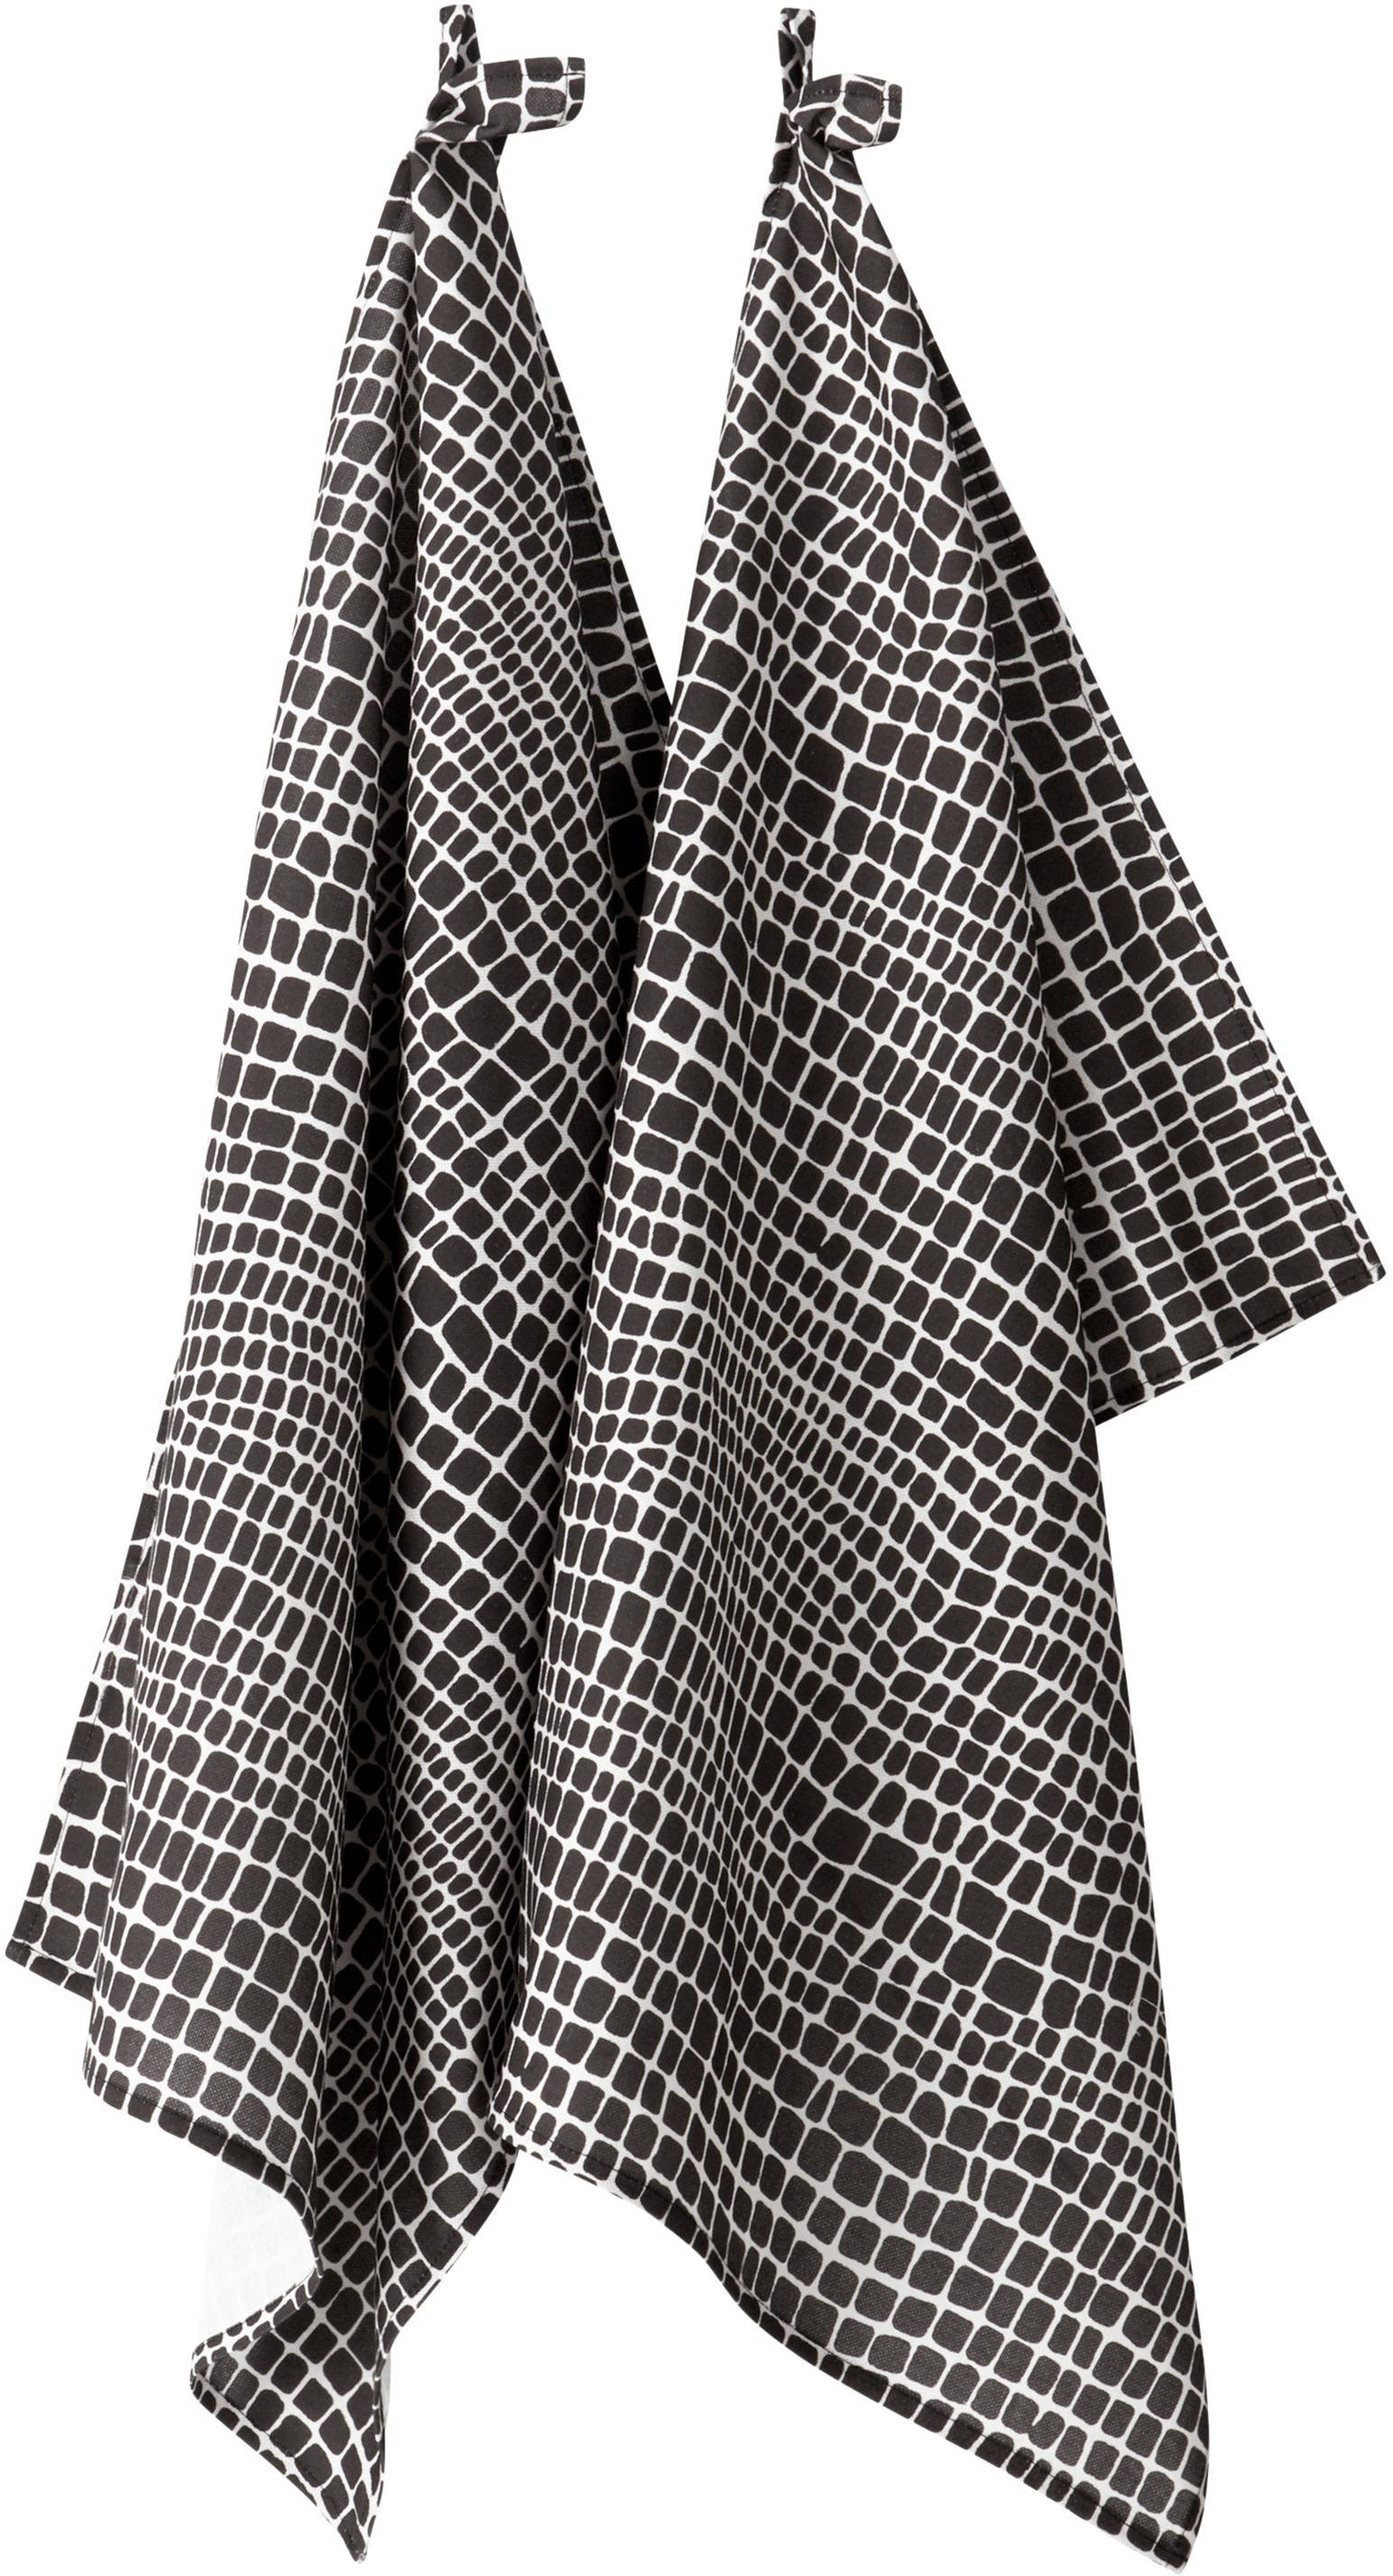 Ręcznik kuchenny Penelope, 2 szt., 100% bawełna pochodząca ze zrównoważonych upraw, Czarny, biały, D 50 x S 70 cm